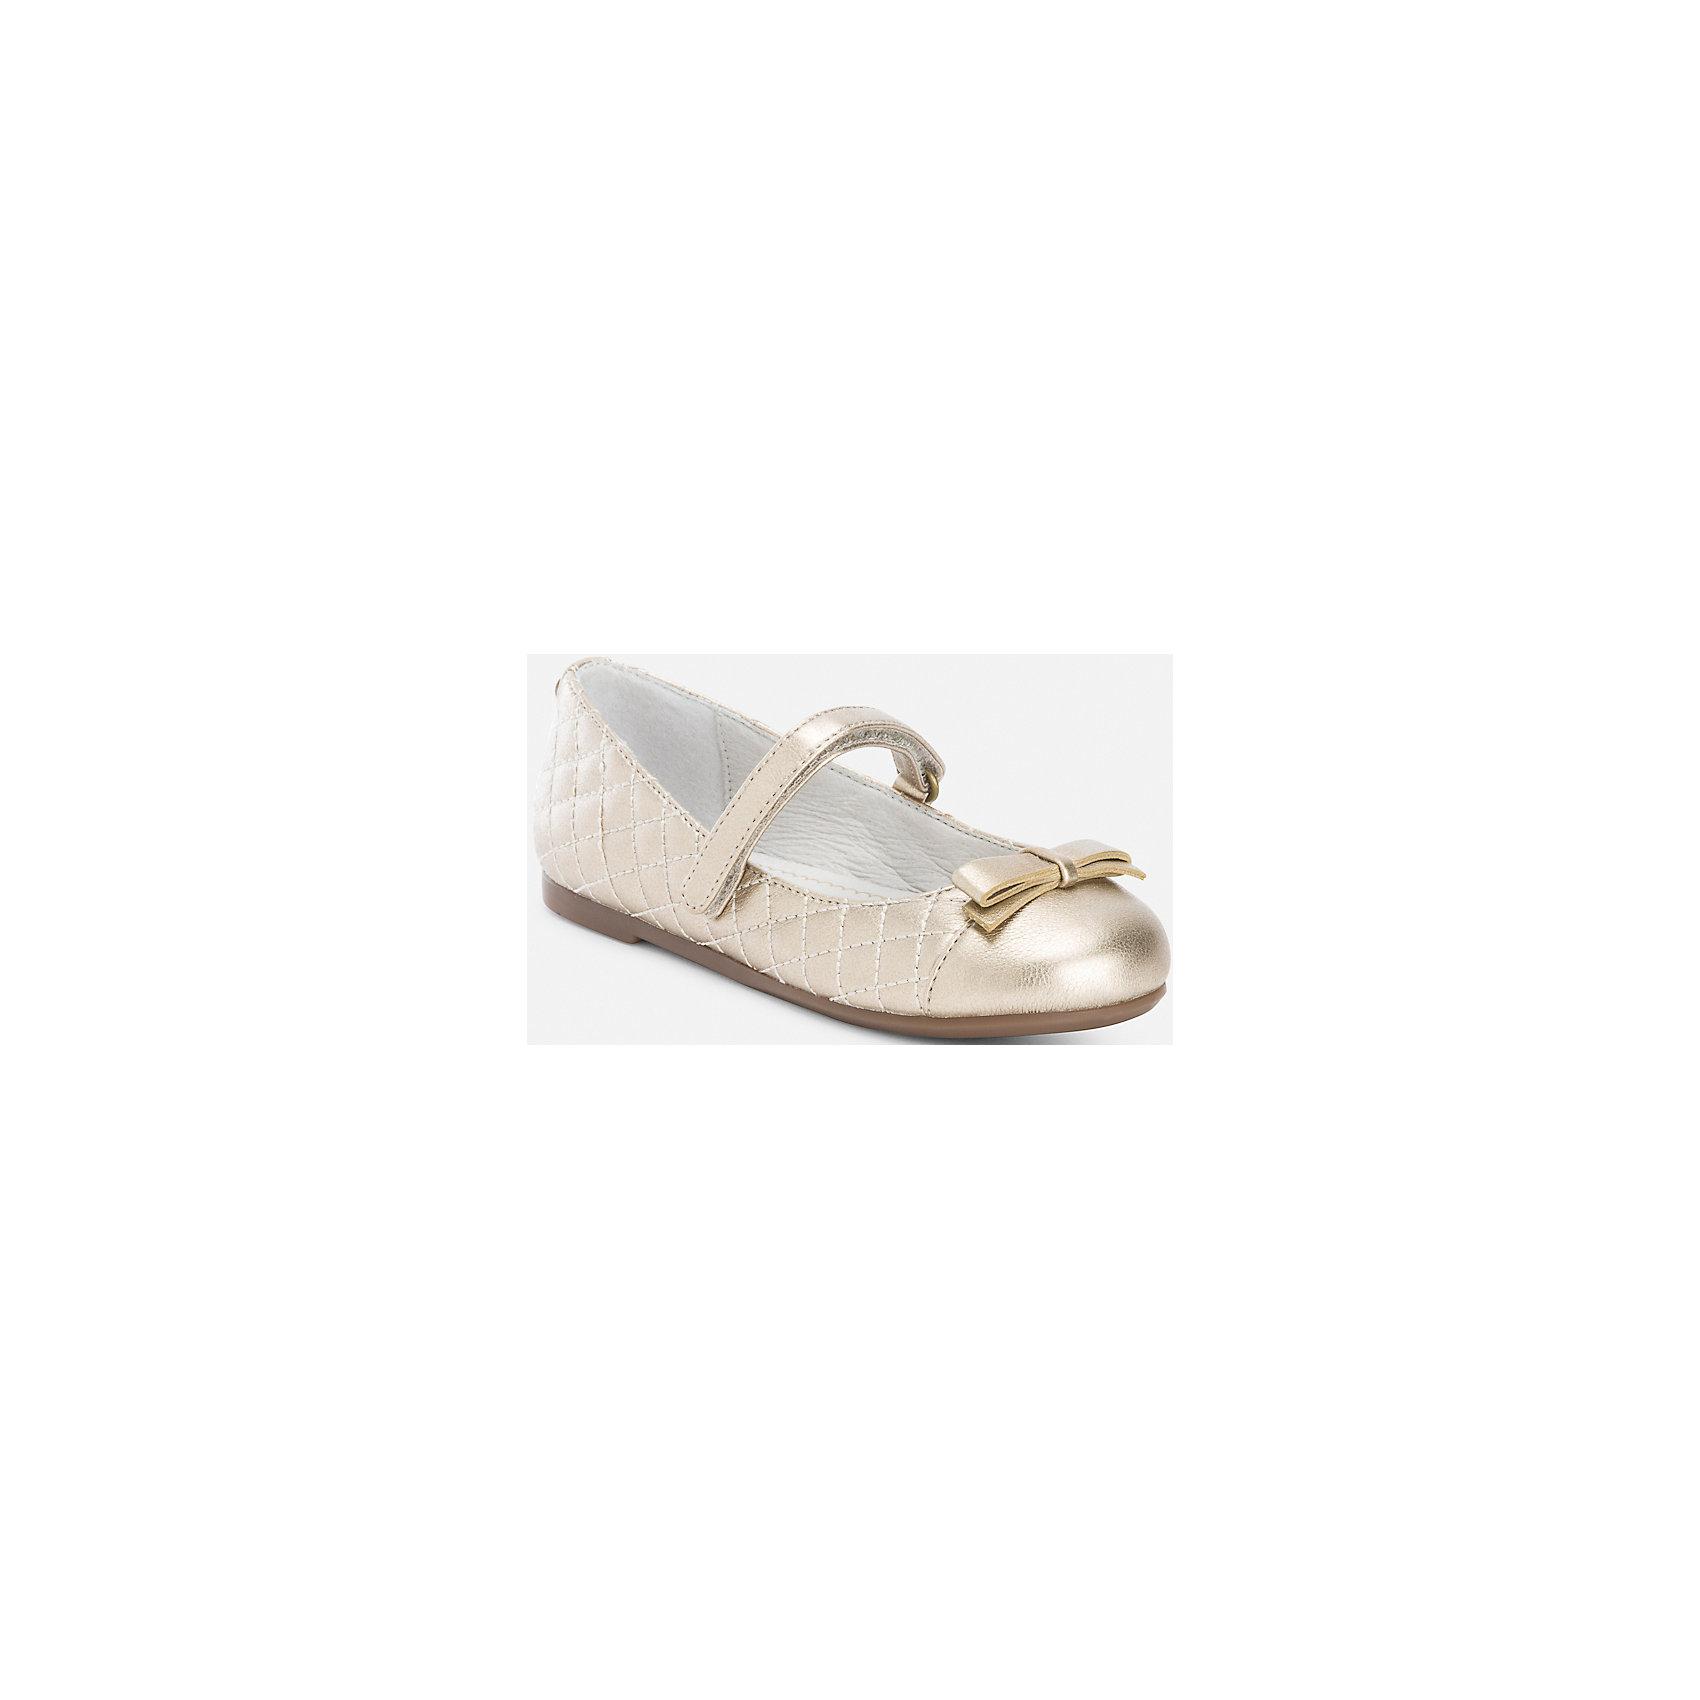 Туфли для девочки MayoralТуфли<br>Туфли для девочки Mayoral от известного испанского бренда Mayoral представляют собой классическую модель – балетки с плоской подошвой и круглым носиком. Выполнены из материалов высокого качества: верхняя часть из экологически безопасного синтетического материала, внутренняя часть из кожи, подошва из антискользящего прорезиненного материала. Обувь имеет анатомически правильную форму,  низкий каблук и гнущуюся подошву, что способствует правильному формированию стопы и служит профилактикой плоскостопия. Застежка спереди выполнена на липучке, на носке имеется декоративный бант. В обуви от Mayoral всегда удобно и комфортно!<br><br>Дополнительная информация:<br><br>- Предназначение: повседневная обувь, праздничная обувь<br>- Цвет: золотой<br>- Пол: для девочки<br>- Сезон: лето<br><br>Подробнее:<br><br>• Для детей в возрасте: от 2 лет и до 9 лет<br>• Страна производитель: Китай<br>• Торговый бренд: Mayoral<br><br>Туфли для девочки Mayoral (Майорал) можно купить в нашем интернет-магазине.<br><br>Ширина мм: 227<br>Глубина мм: 145<br>Высота мм: 124<br>Вес г: 325<br>Цвет: белый<br>Возраст от месяцев: 24<br>Возраст до месяцев: 36<br>Пол: Женский<br>Возраст: Детский<br>Размер: 26,27,30,28,29<br>SKU: 4867492